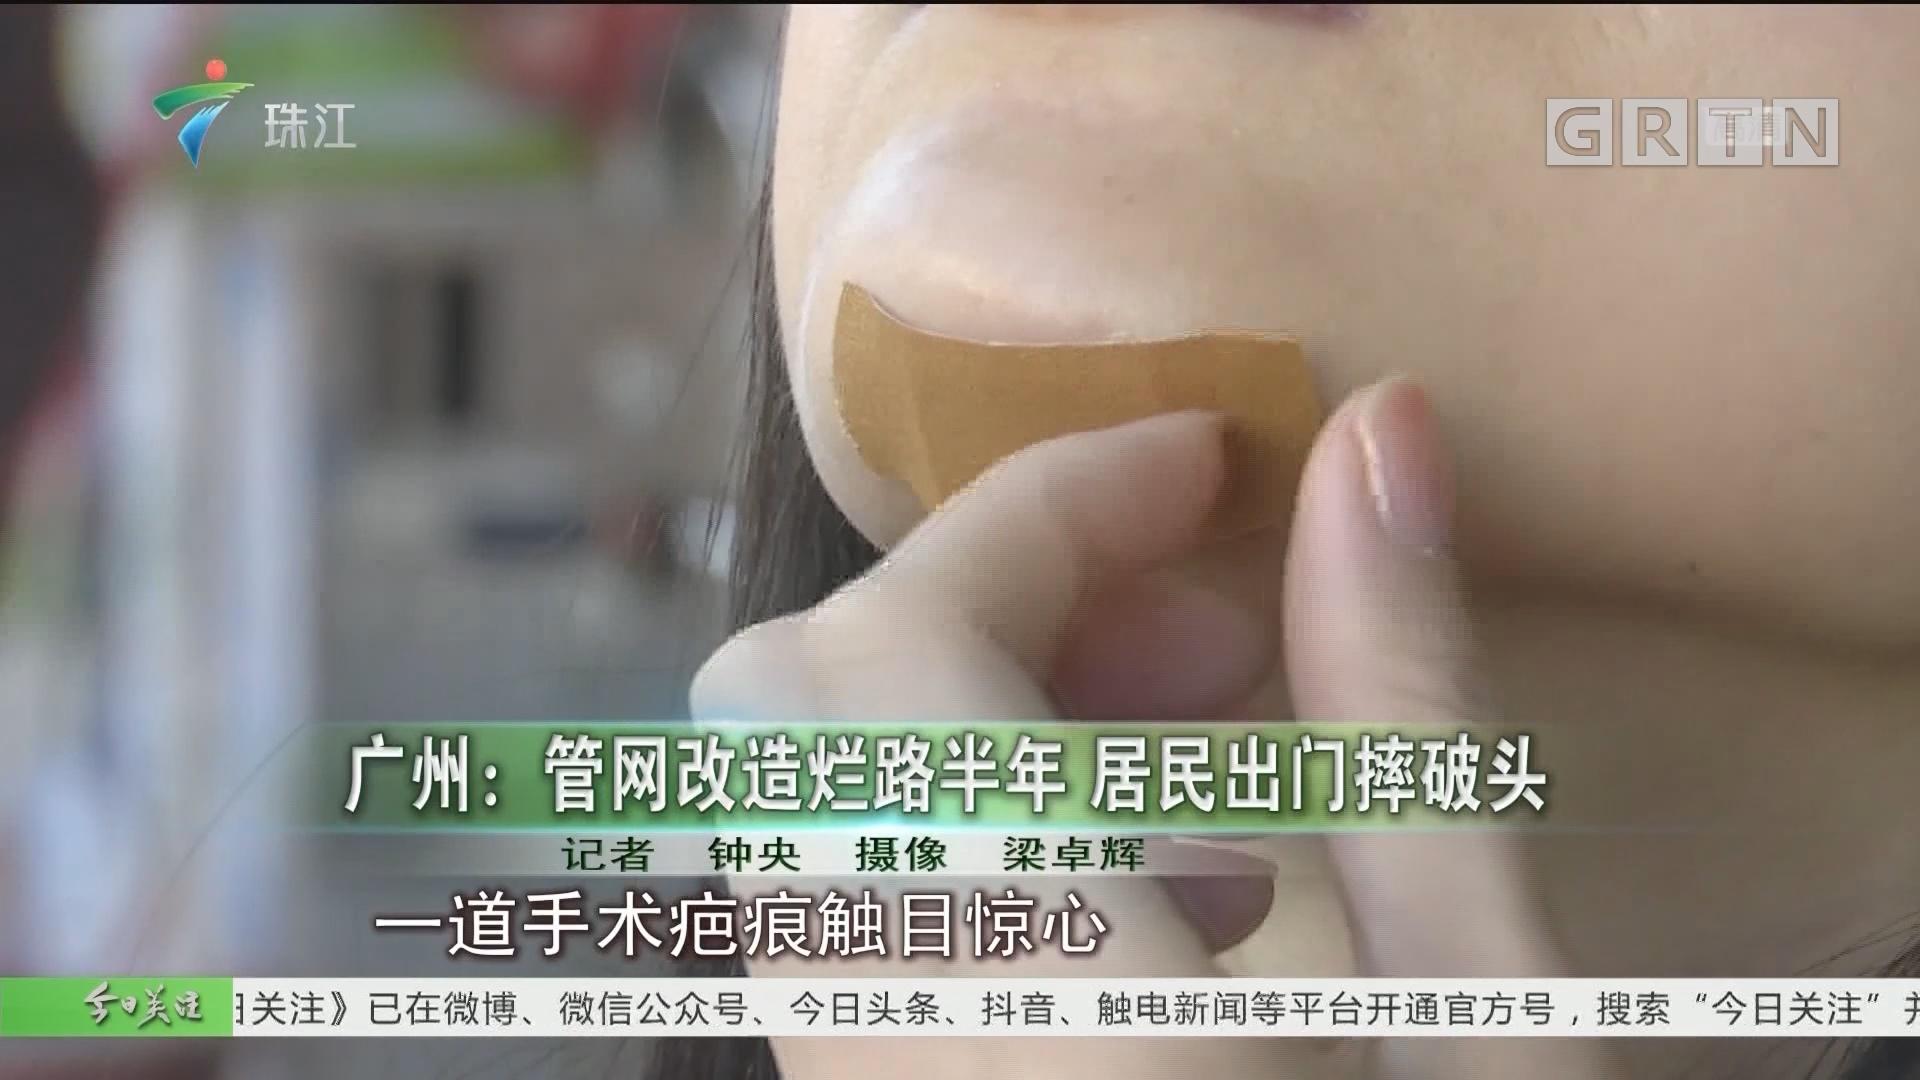 广州:管网改造烂路半年 居民出门摔破头